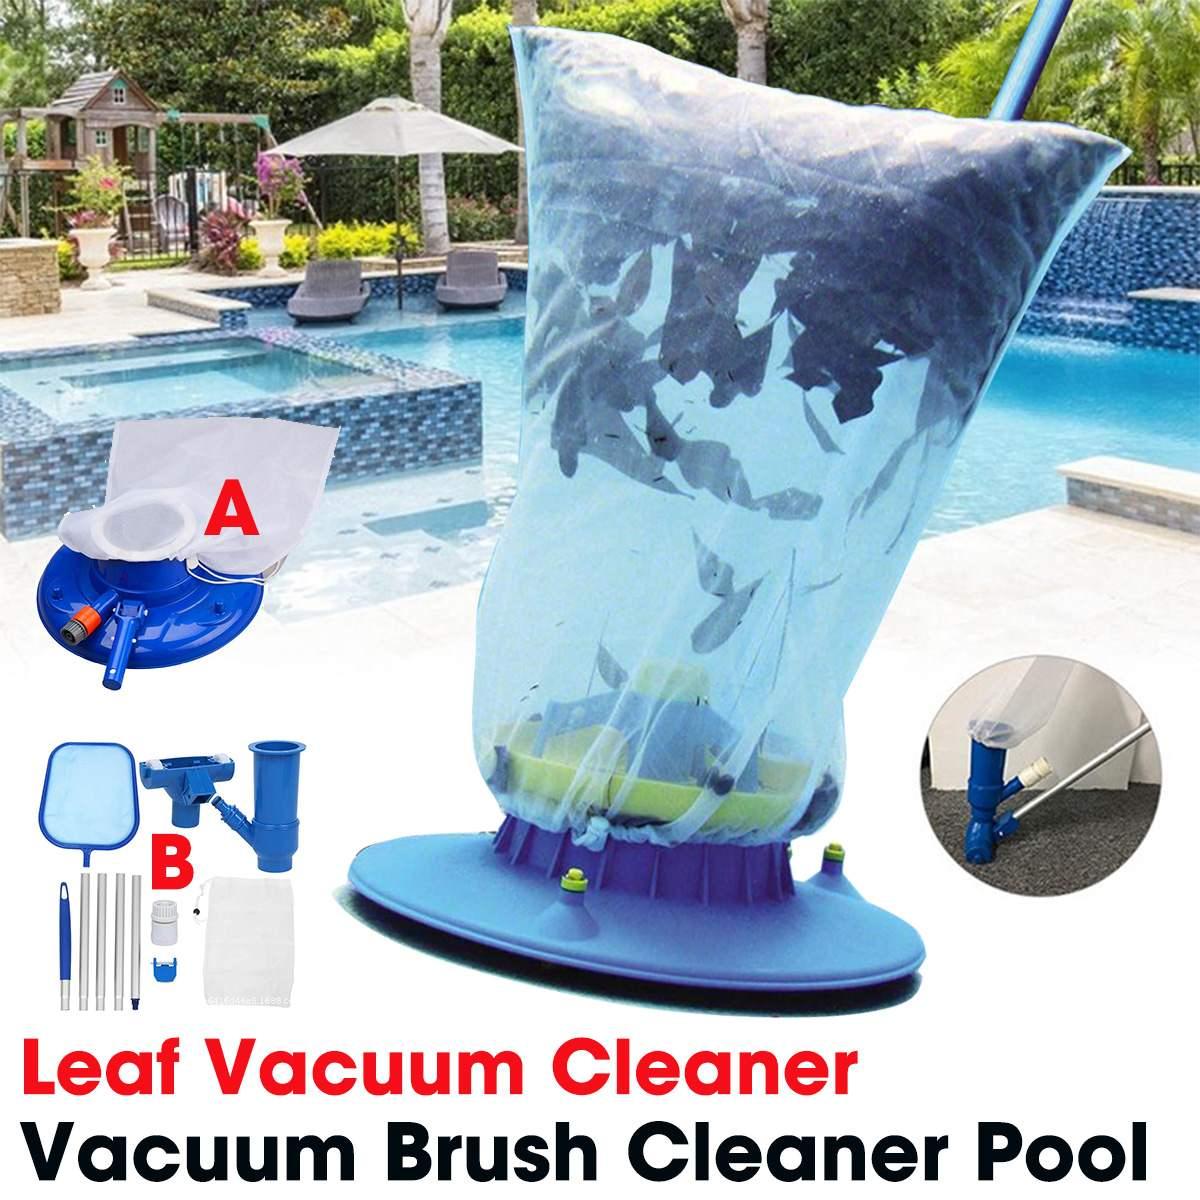 De natación portátil limpiador al vacío para piscina caliente primavera herramienta de limpieza de succión cabeza estanque fuente de jardín al aire libre de vacío cepillo limpiador